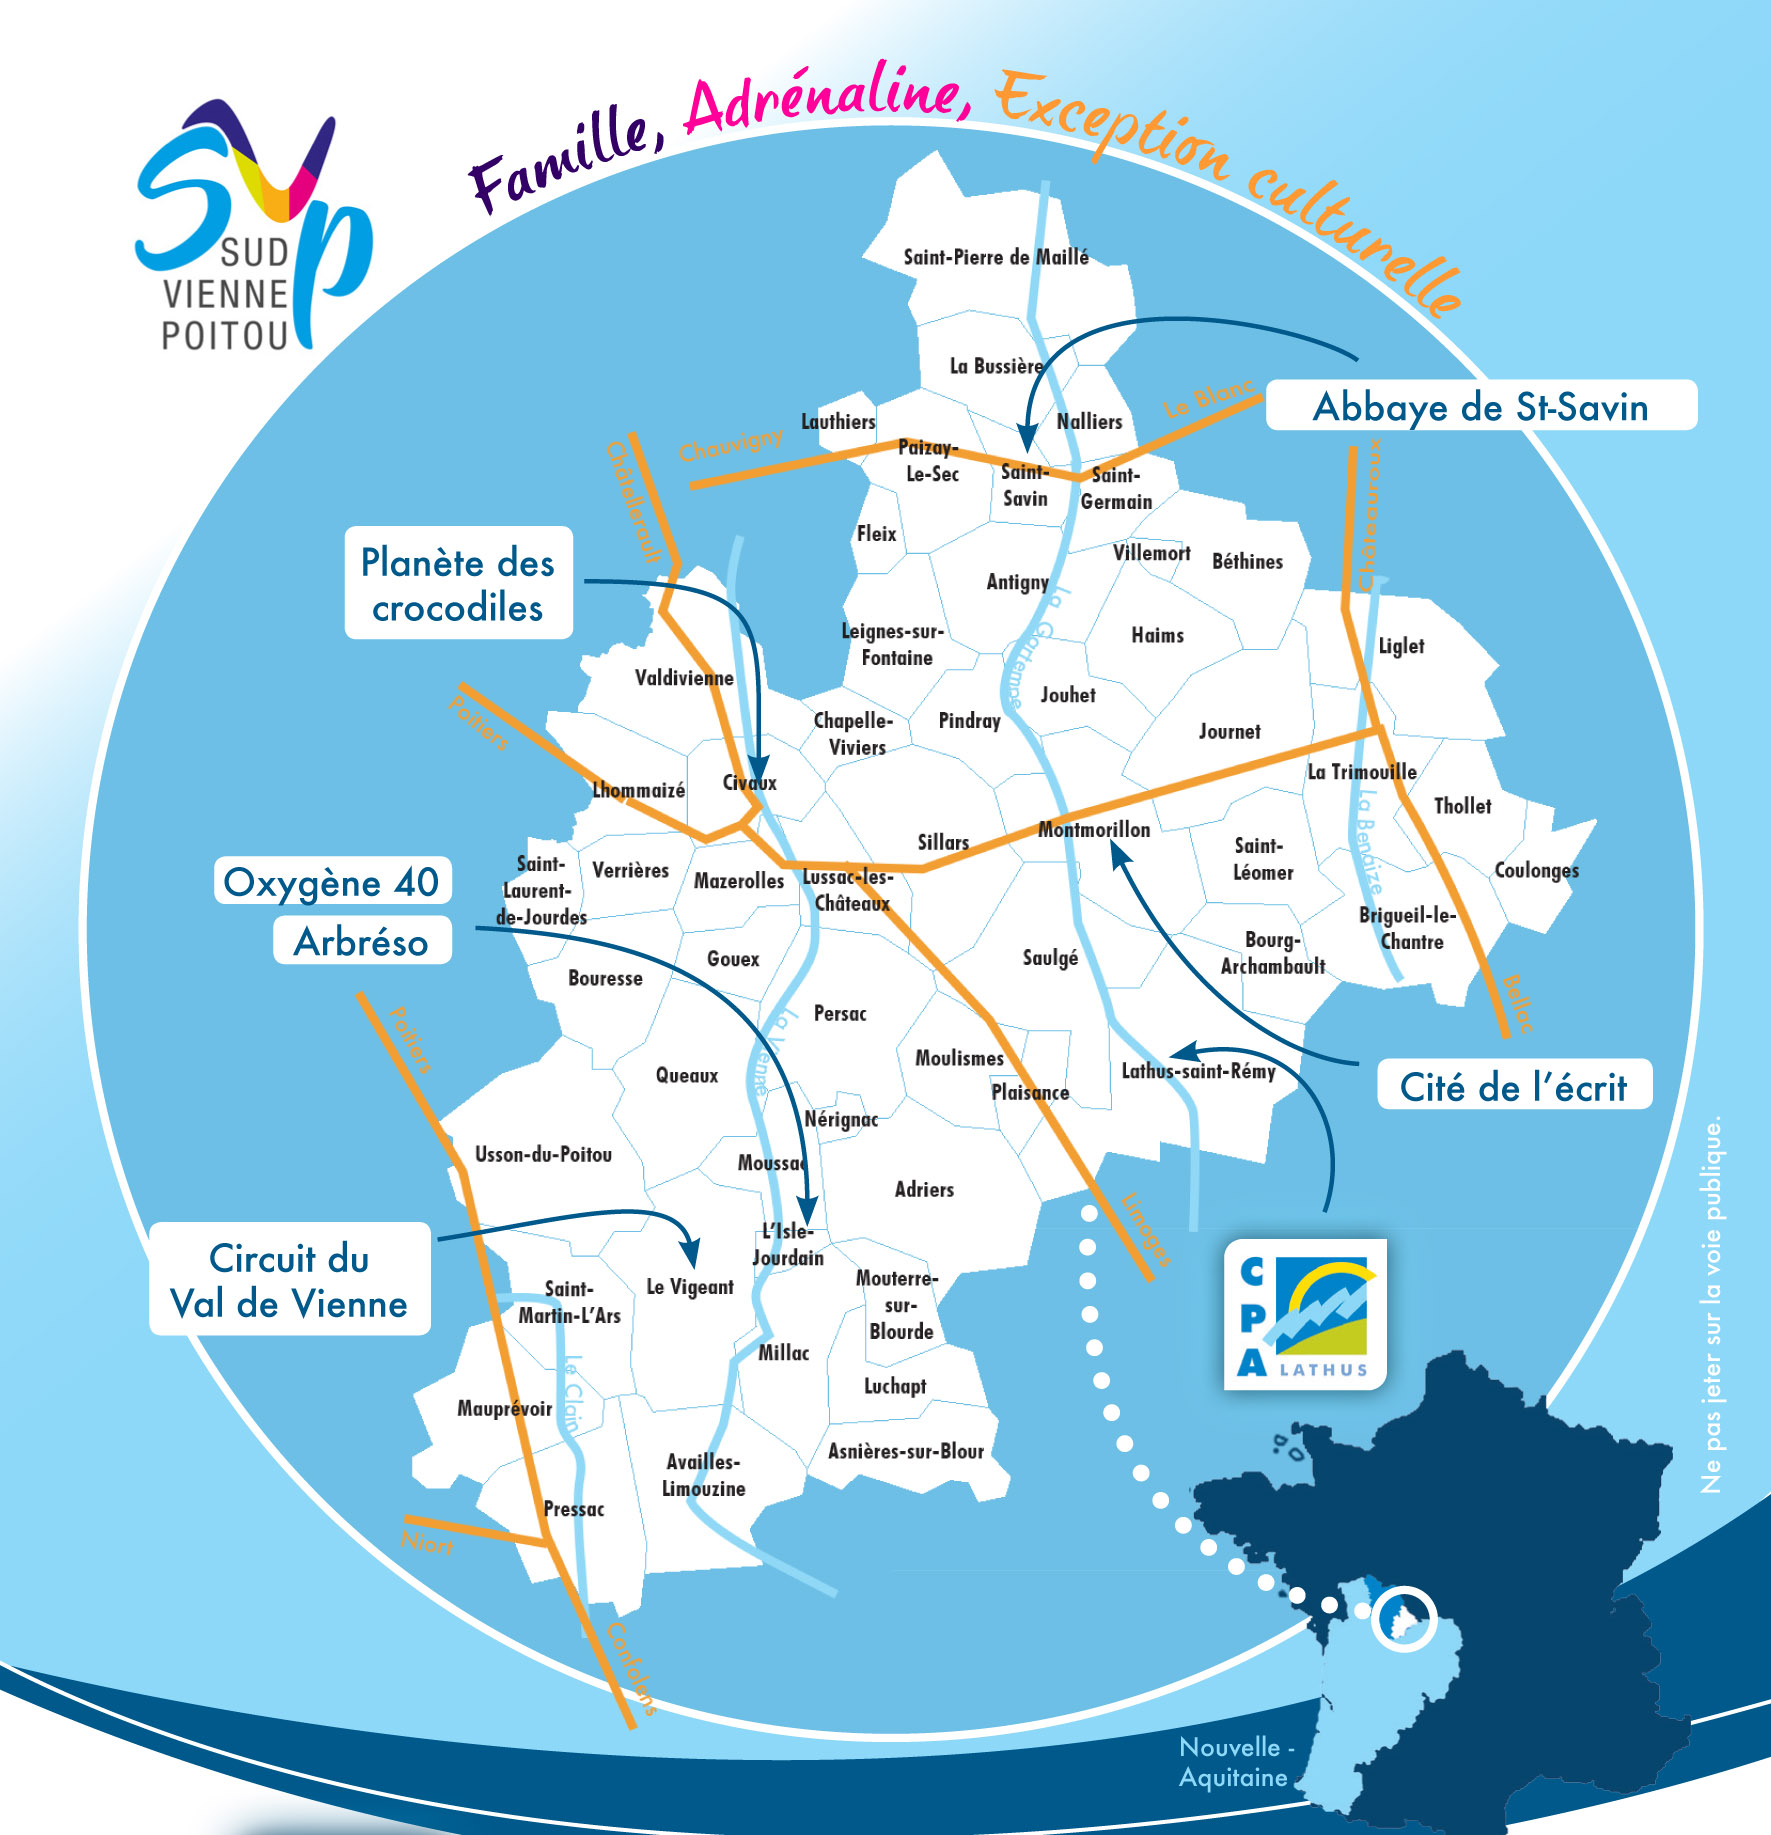 La carte du territoire et les acteurs touristiques locaux